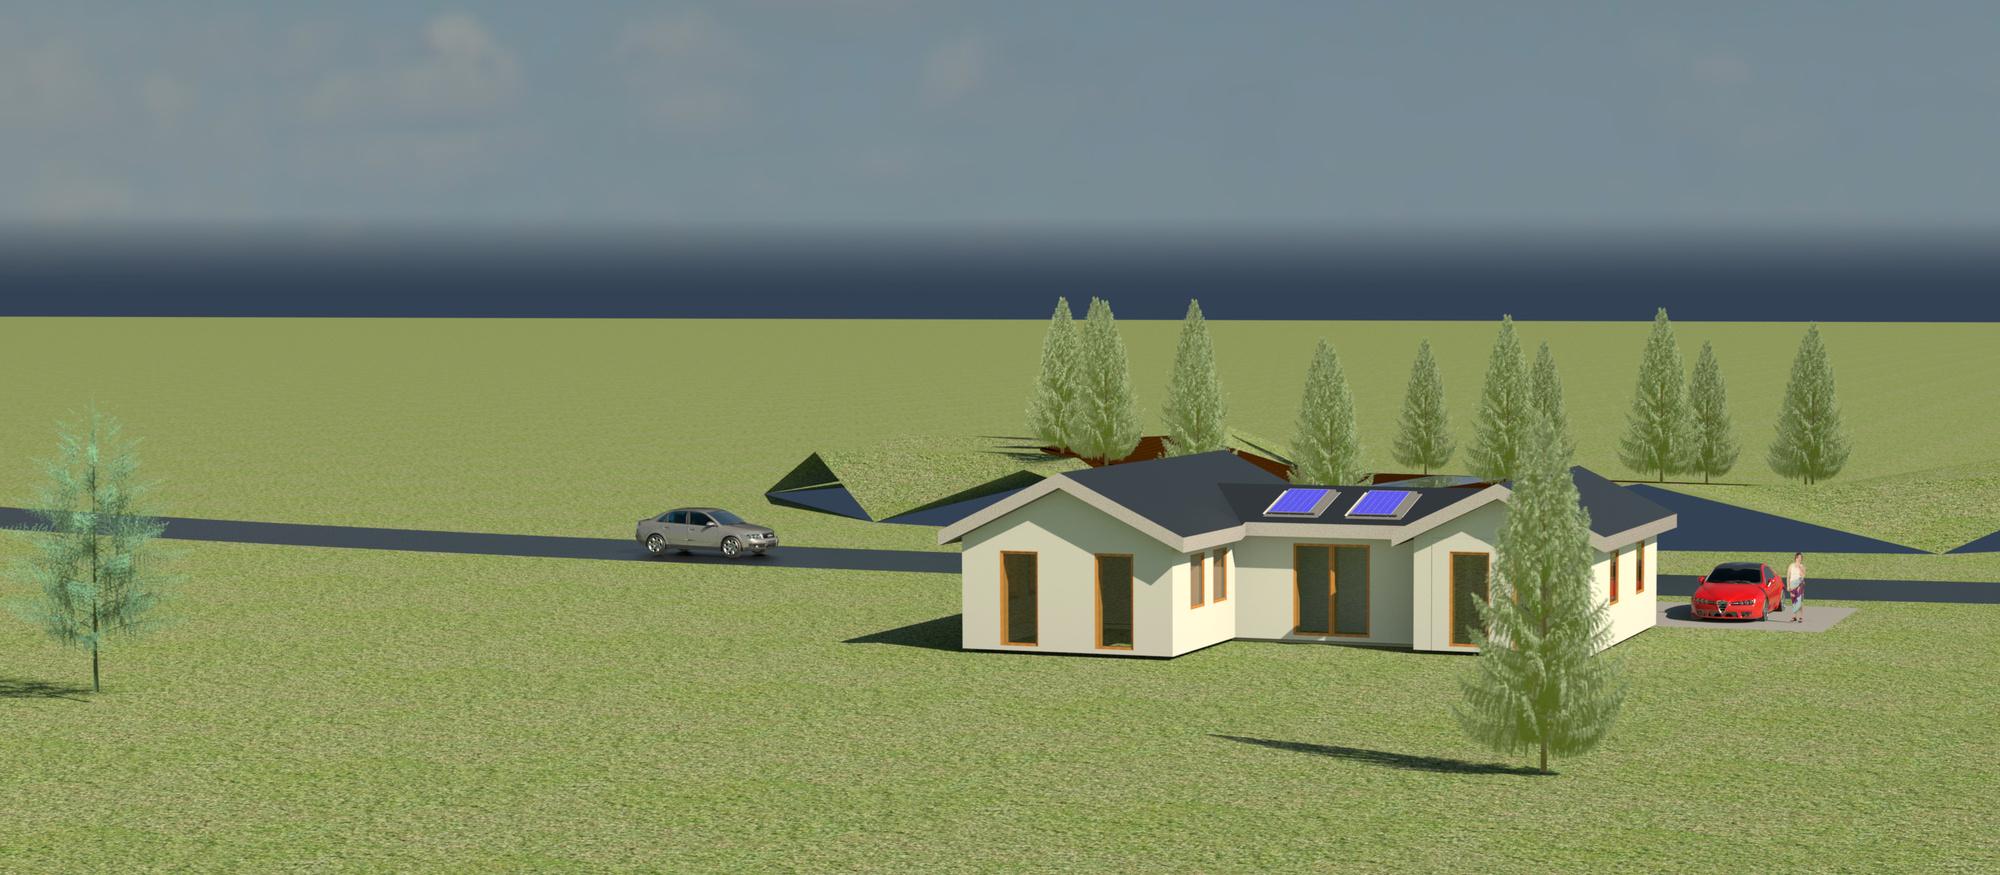 Raas-rendering20150318-21789-1rh4dff